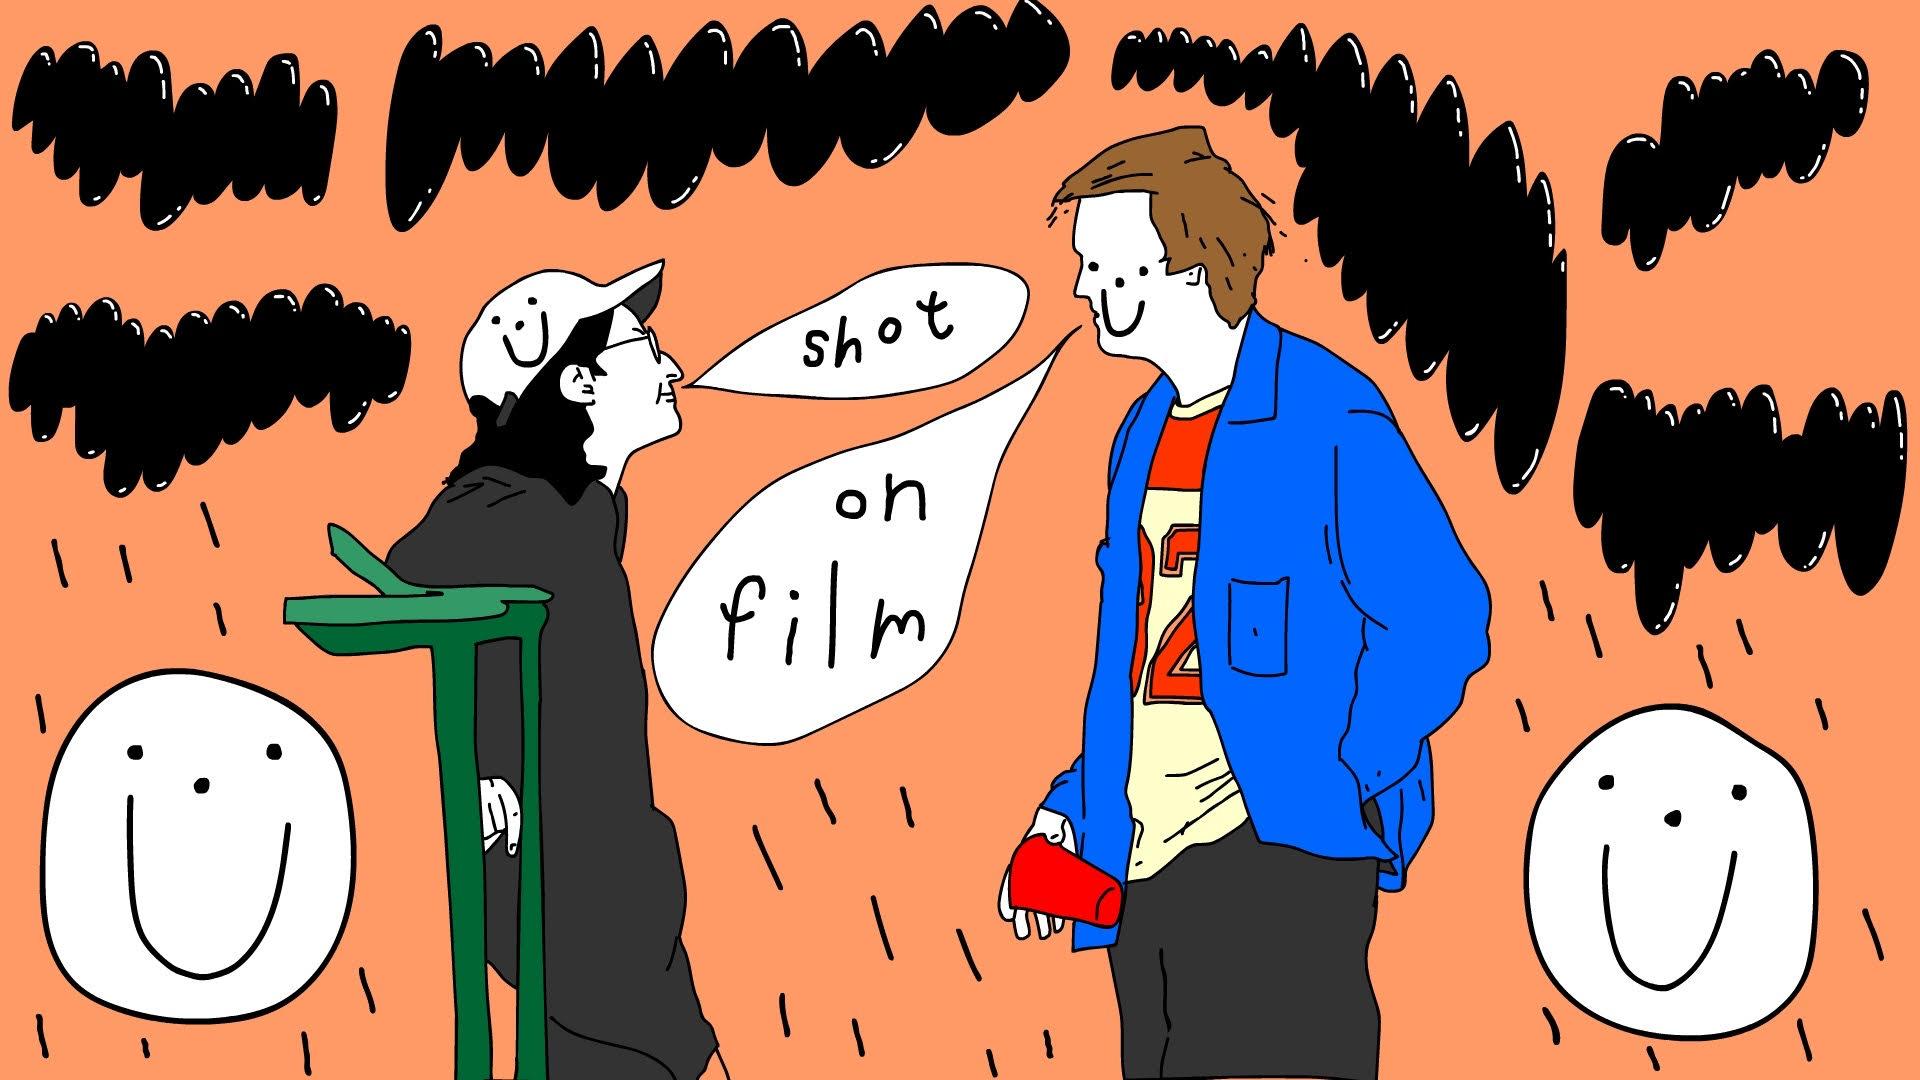 shot on film poster.jpg